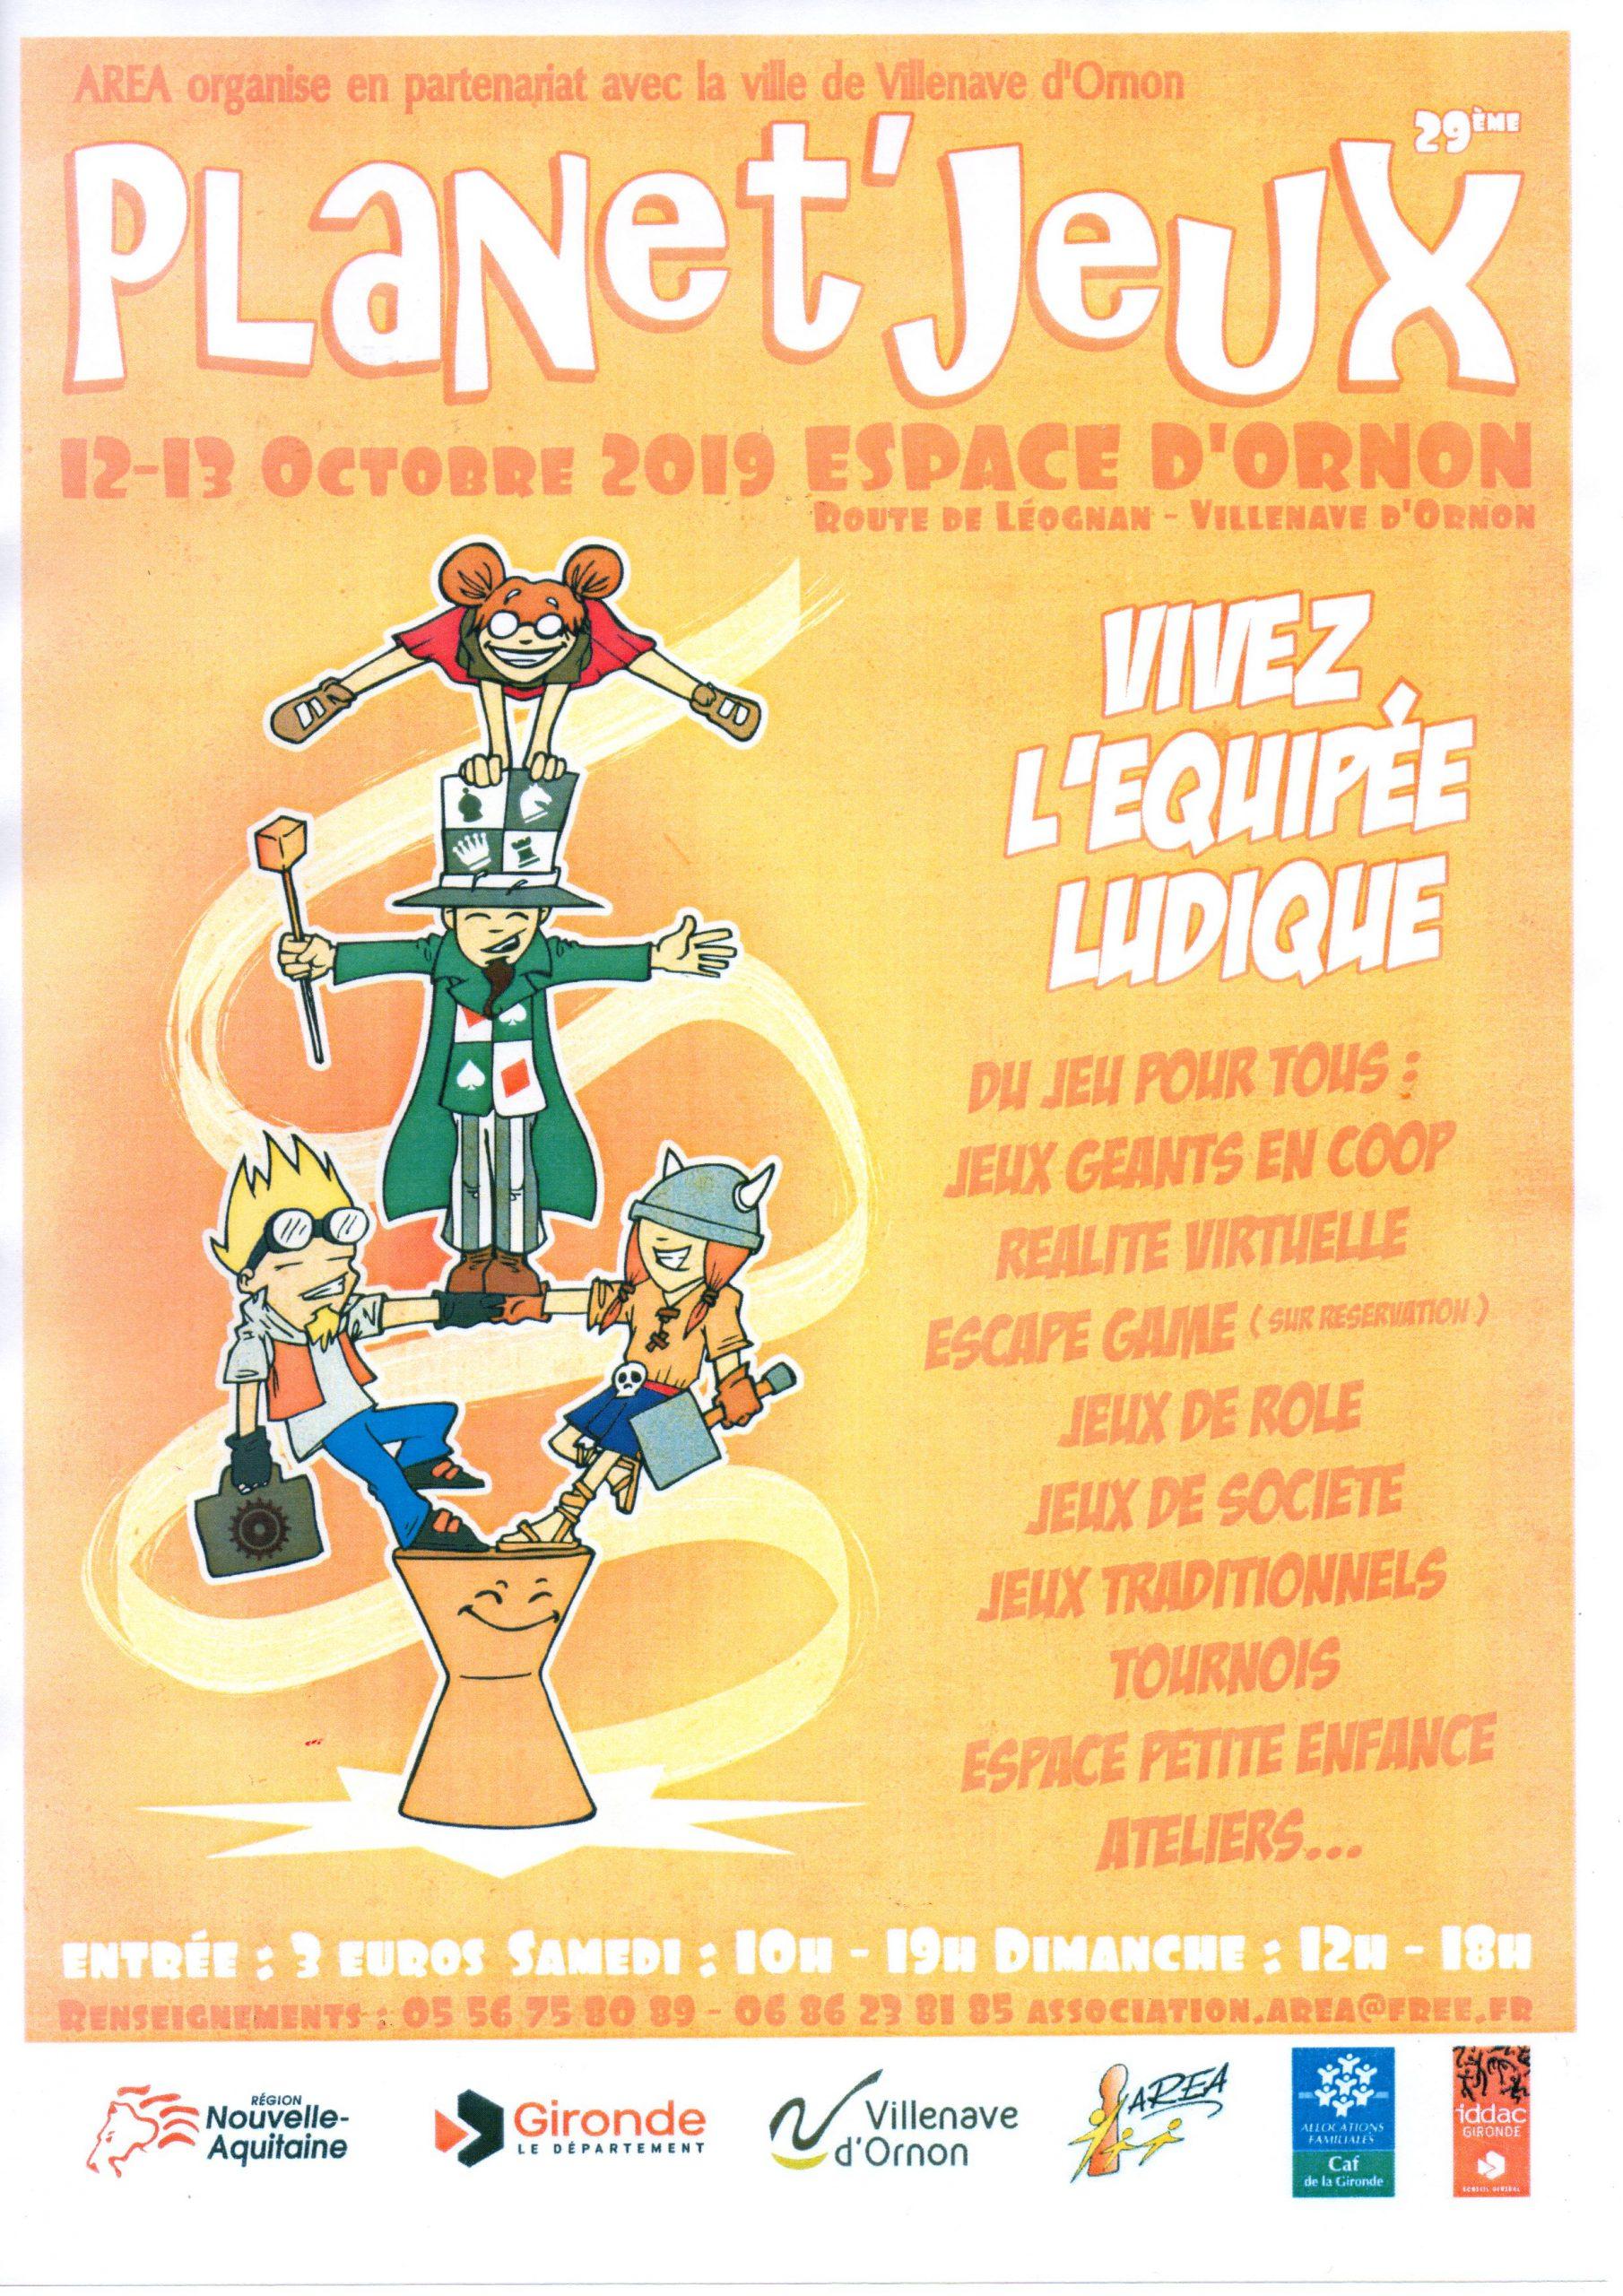 Festival Planet'jeux - Villenave D'ornon - Visites - Aquitaine à Jeux De Bébé Virtuel